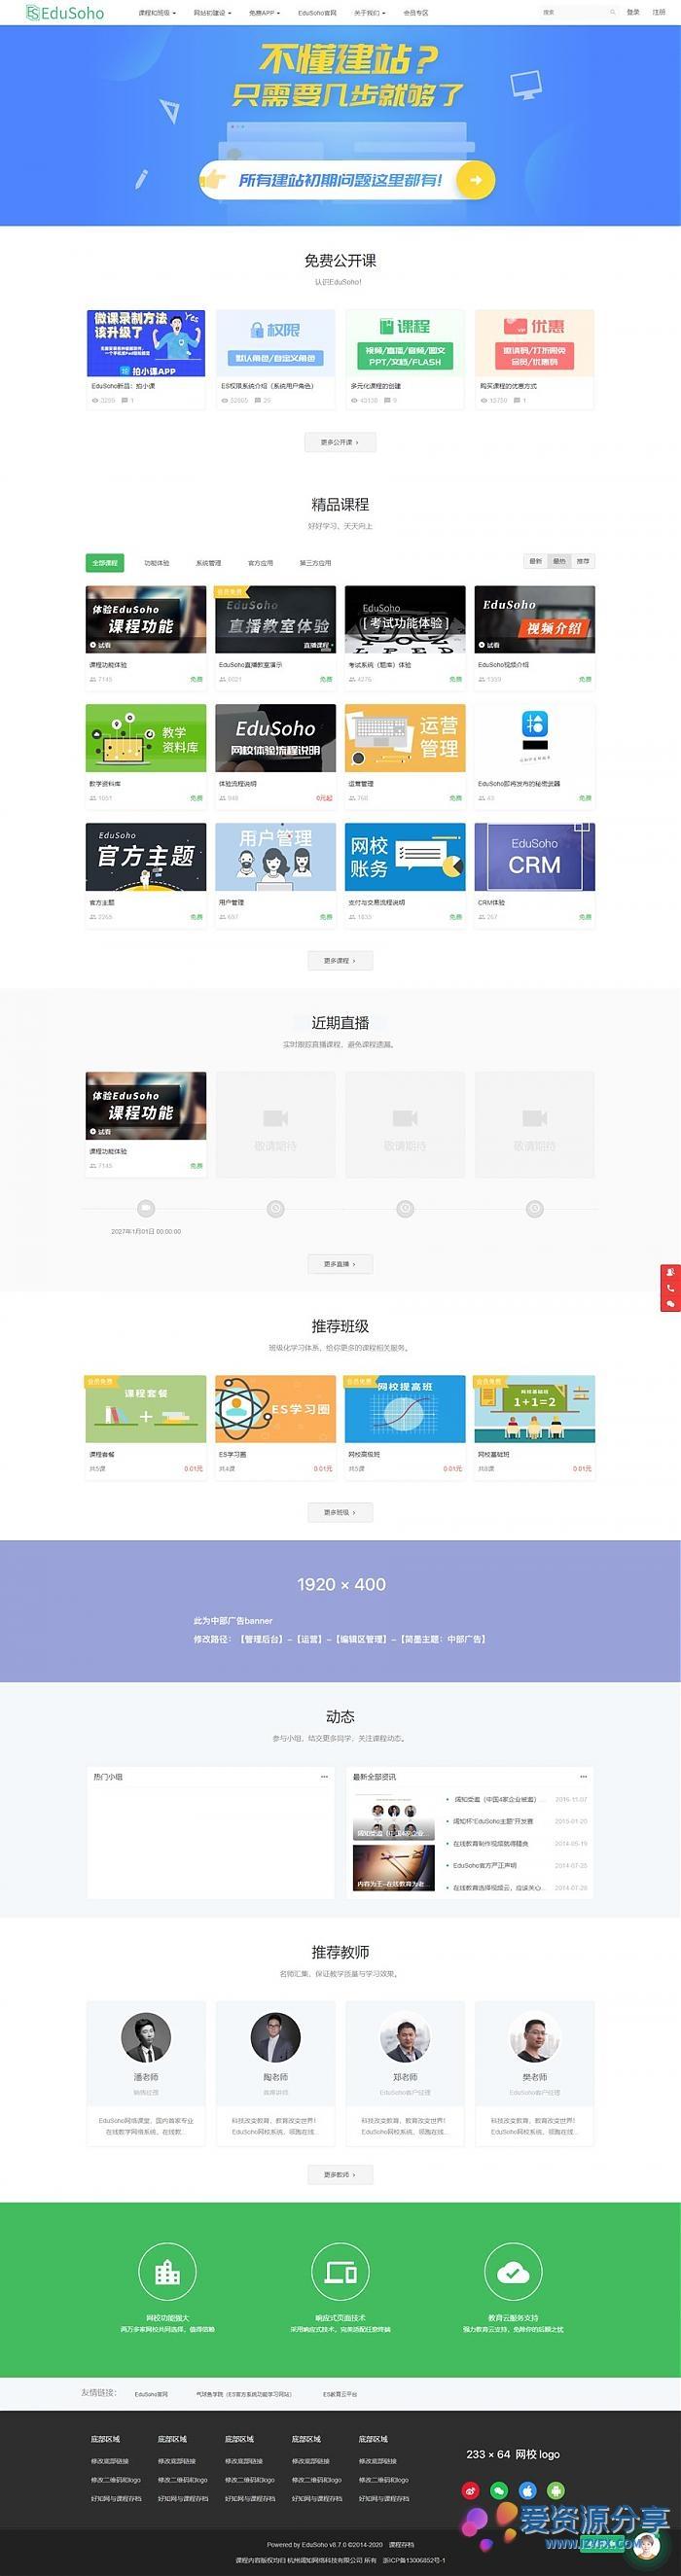 在线教育点播系统EduSoHoV7.5.15官方原版+商业插件-爱资源分享